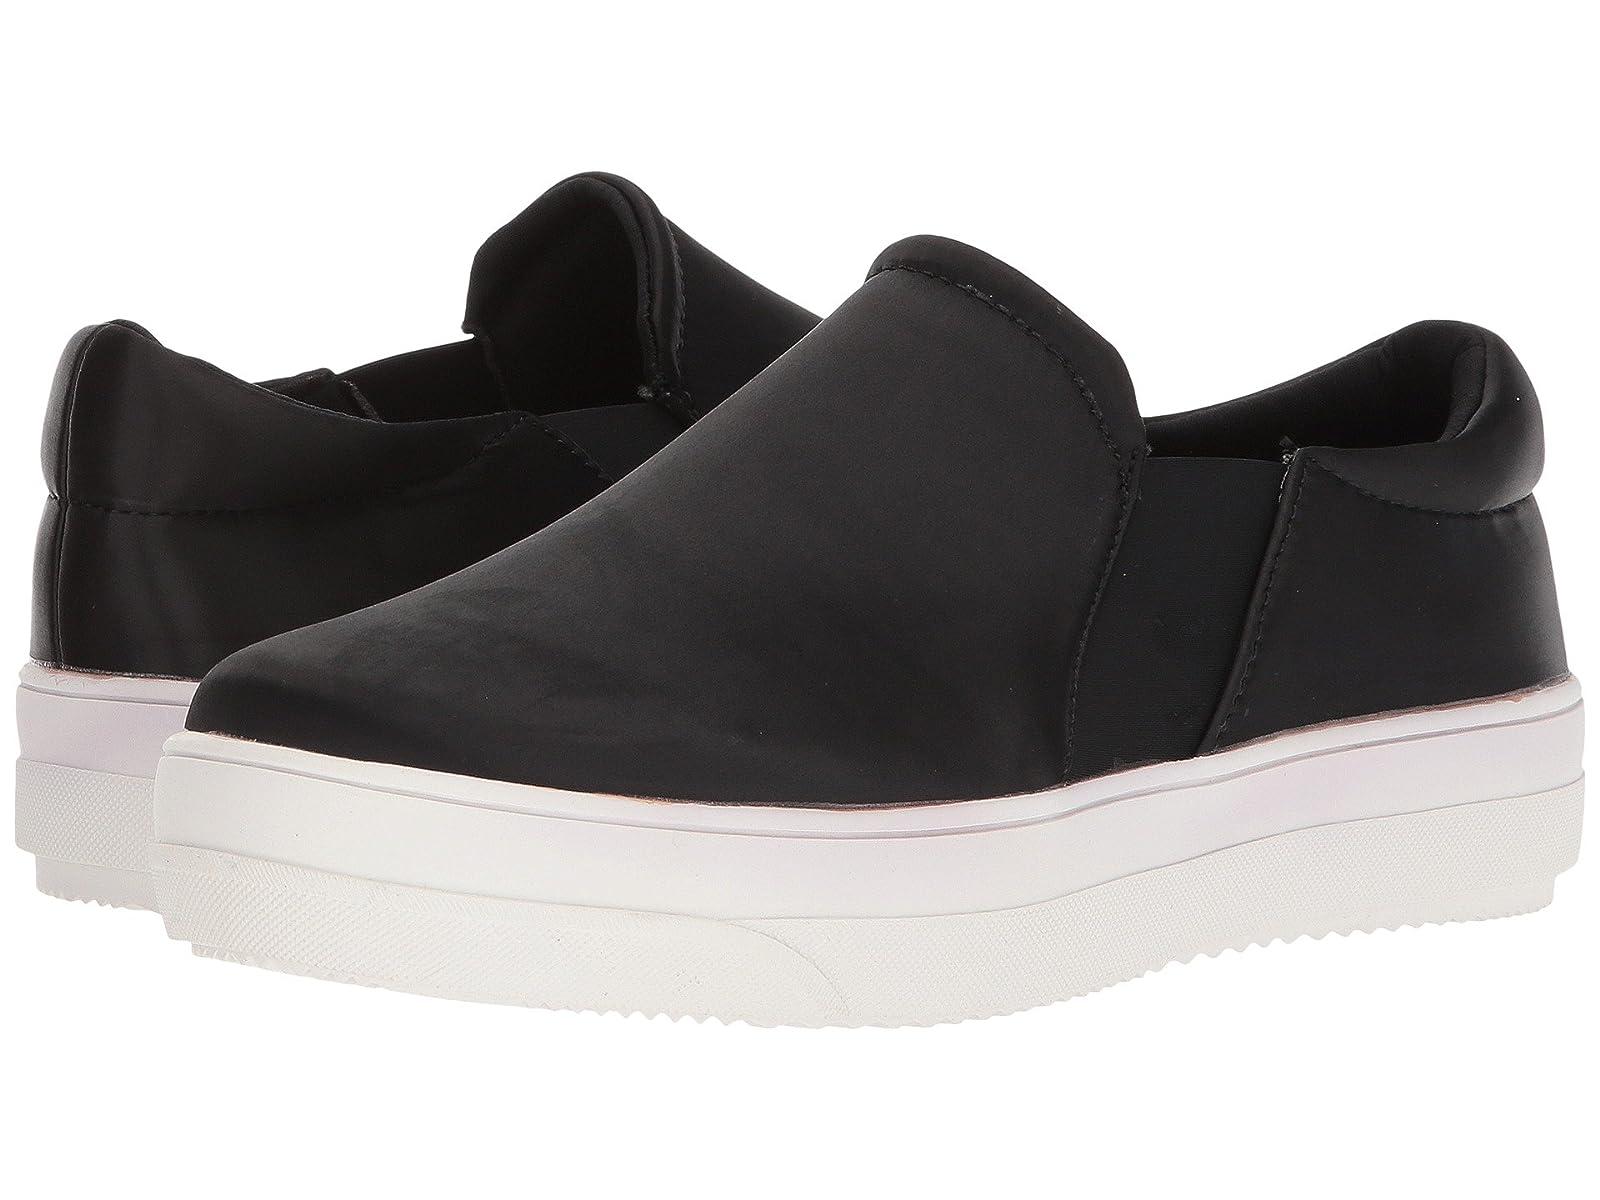 bernie mev. CharlotteAtmospheric grades have affordable shoes